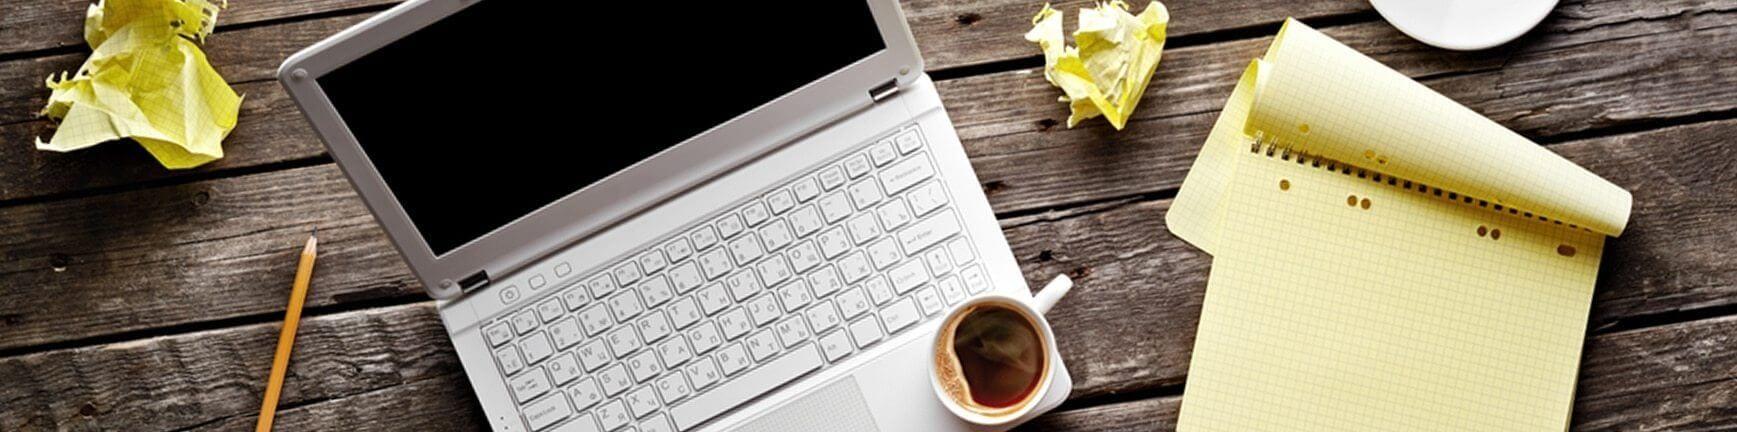 כתיבת תוכן לאתרים: כתיבת תוכן לאתר שגם הגולשים וגם גוגל יאהבו